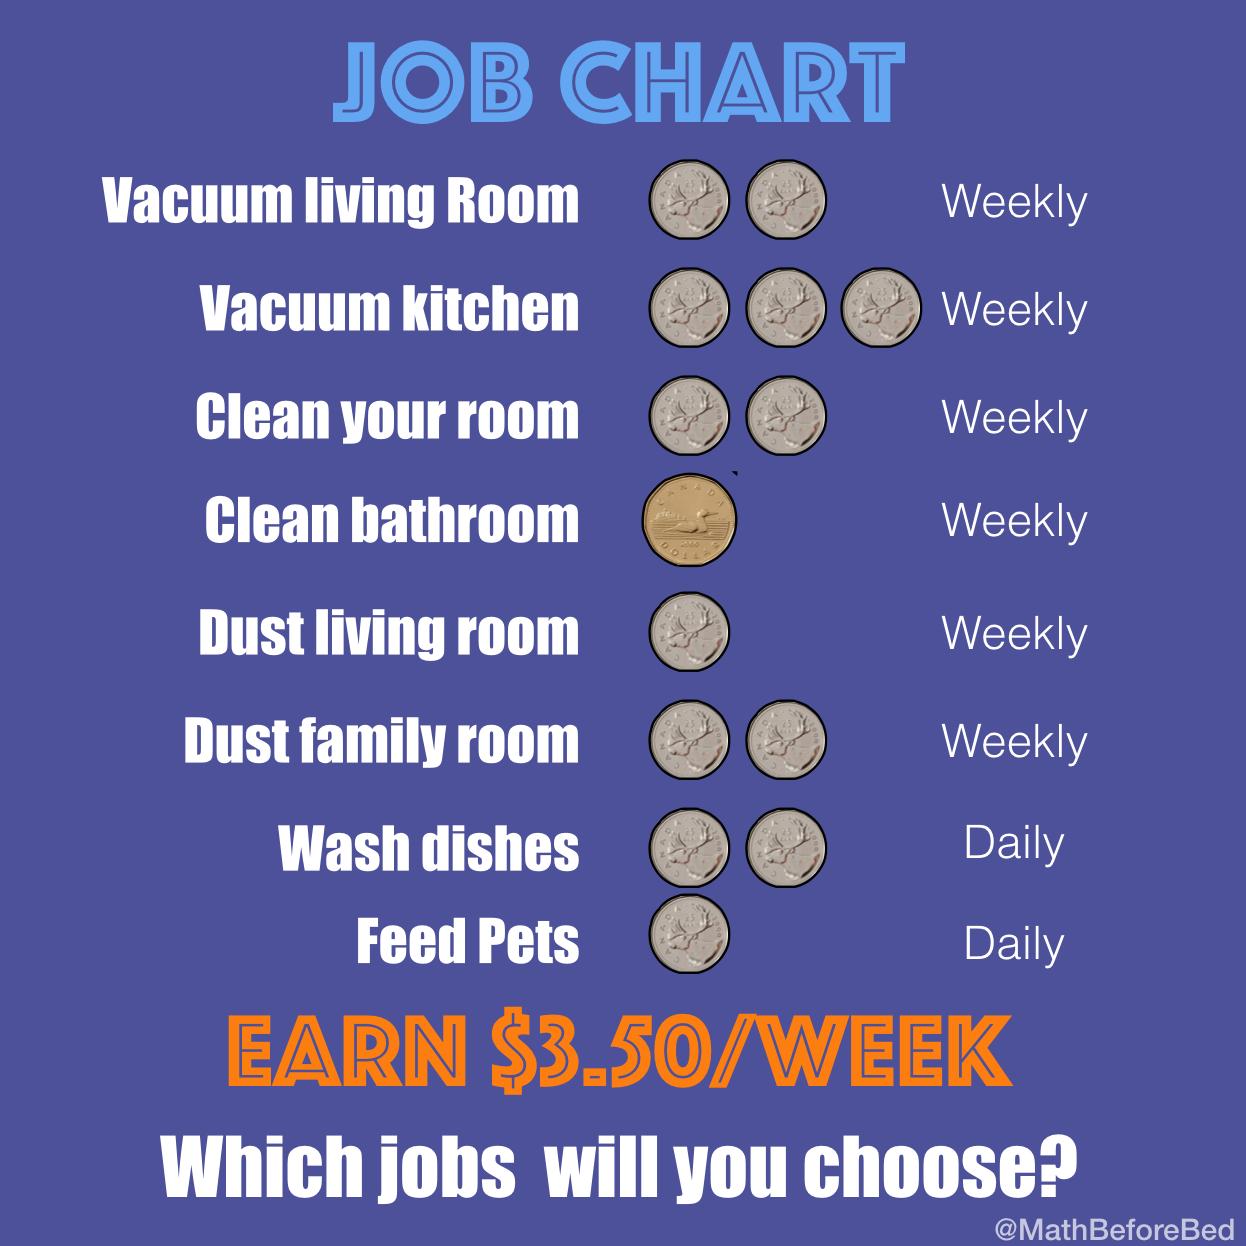 Job Chart 2